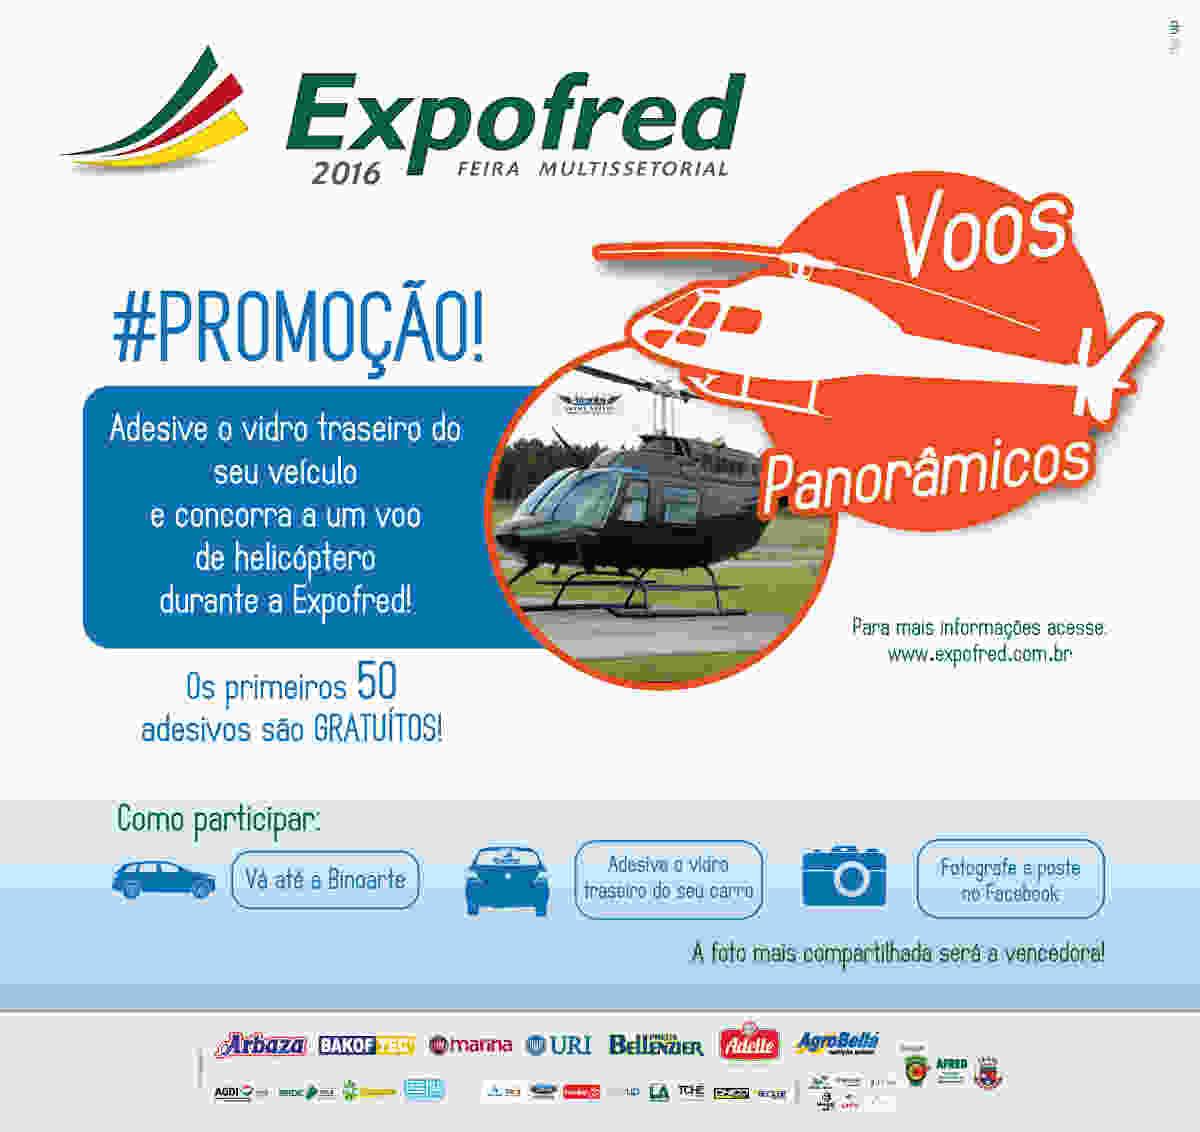 anuncio_26x10cm_expofred